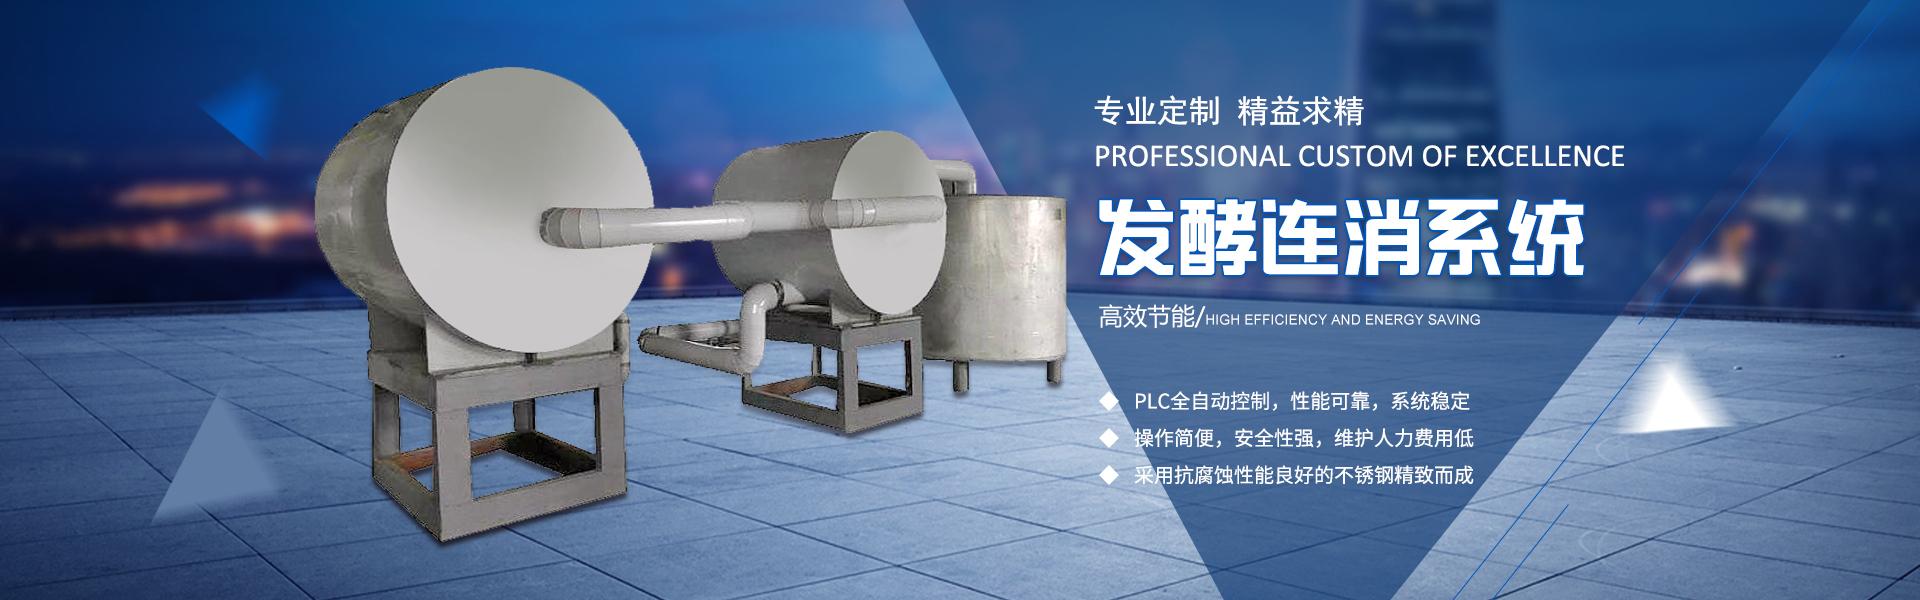 肇庆市新大力bwin官方网站制造安装有限公司从事生物bwin投注、生化反应、食品行业、制药行业以及环境治理(废气、废水)等bwin官方网站设计研发及制造。